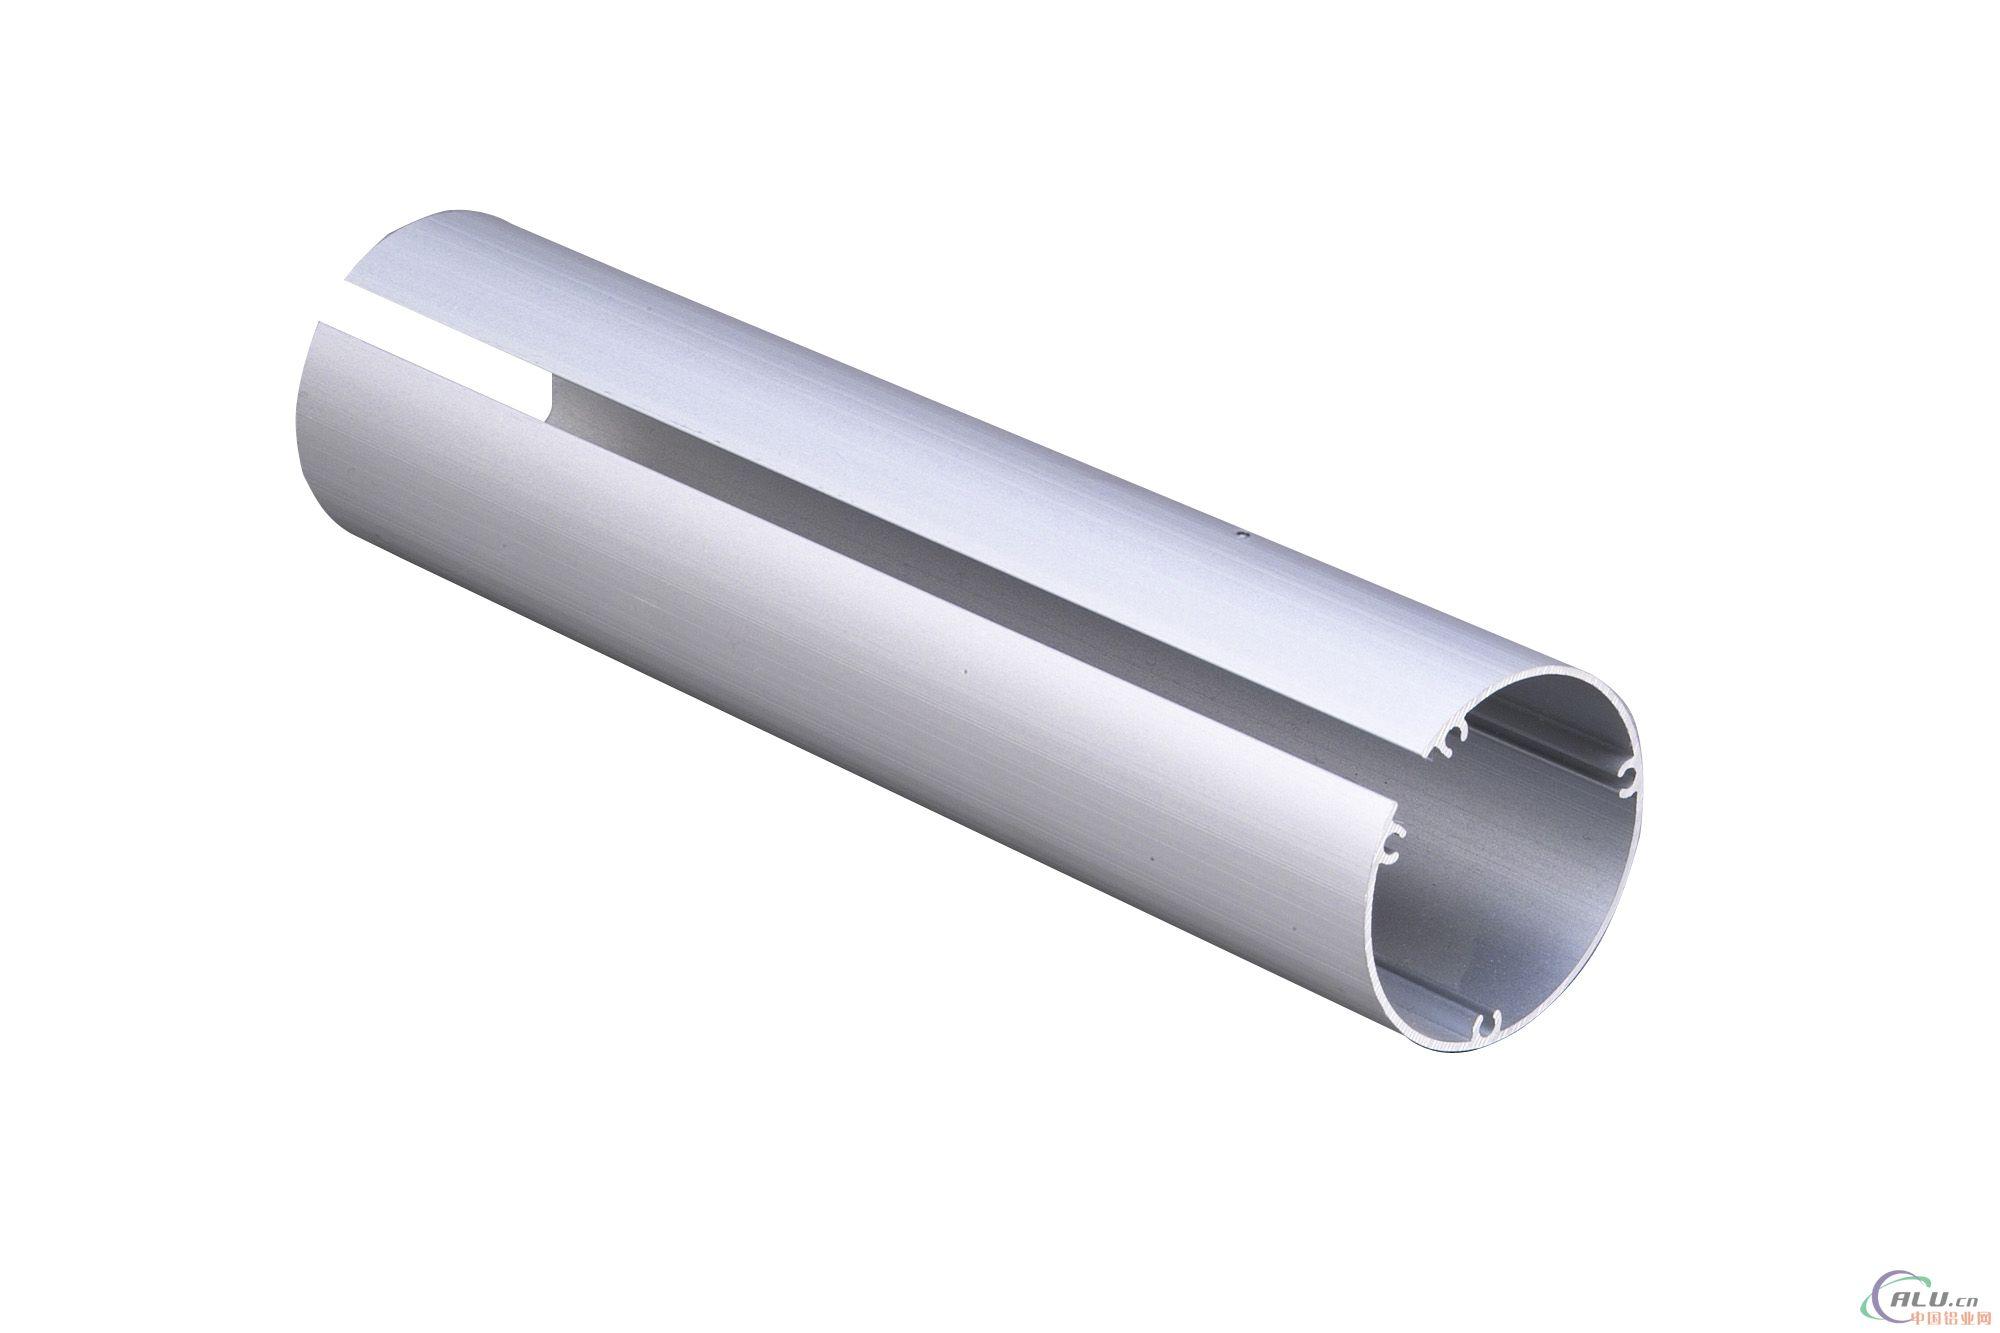 苏州铭德铝业有限公司在轨道交通铝型材、电梯建材铝型材、汽车天窗铝型材、太阳能铝边框、灯具铝型材、散热器类铝型材、展示器材用铝型材、流水线用铝型材、无尘室铝型材、暖房铝型材、气缸铝型材,各种铝型材加工,家俱用铝型材等行业广泛使用,我们可以满足您对产品的不同需求。公司同时开发系列产品如淋浴房用料、圆管、方管、角铝、散热器、电机外壳、接触器外壳、电梯用料、各种规格的感应门导轨及卷帘门型材、净化设备用料、纺织机械用料,成套自动化生产线用料等各种工业用异型材;及不同系列(120、140、150、160、170、18